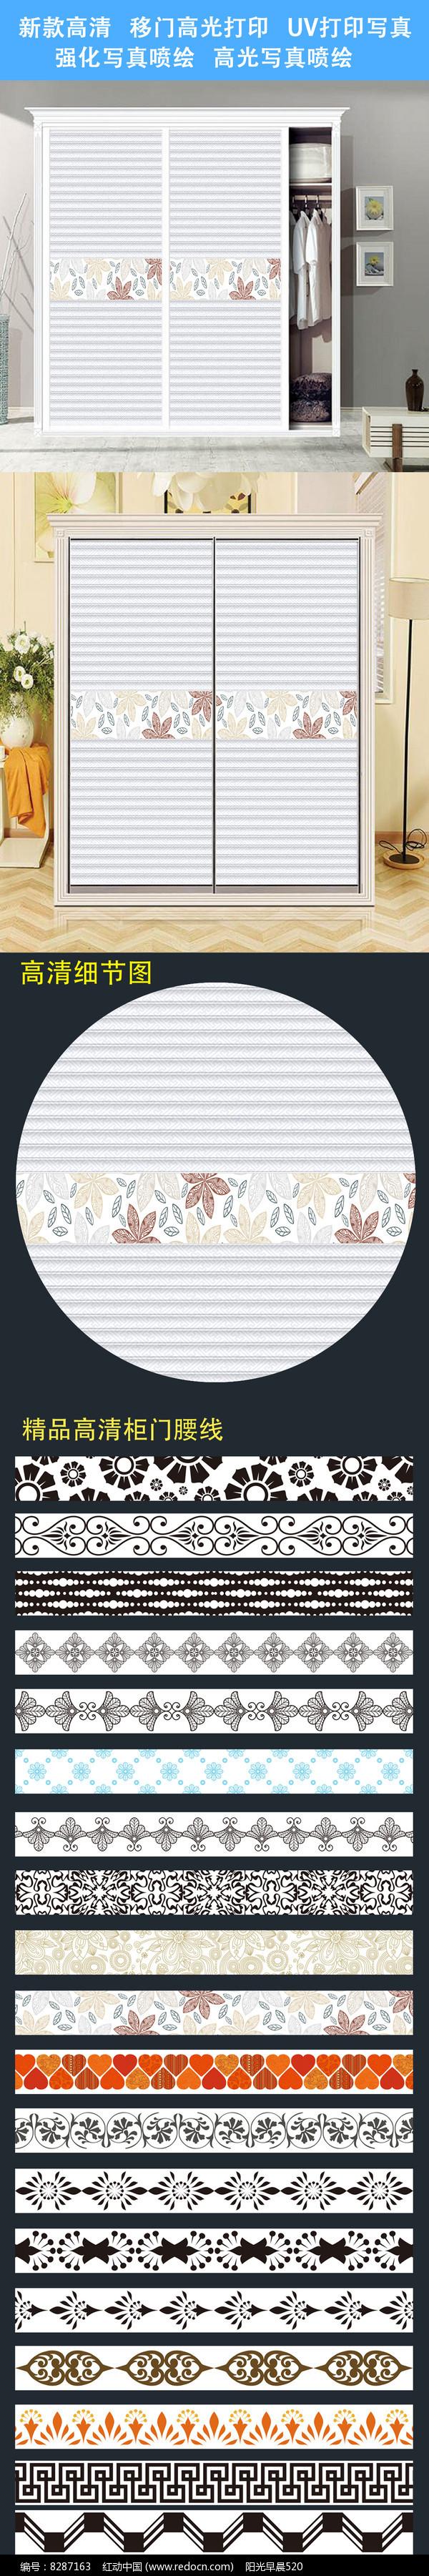 高档立体花朵柜门腰线打印图案图片